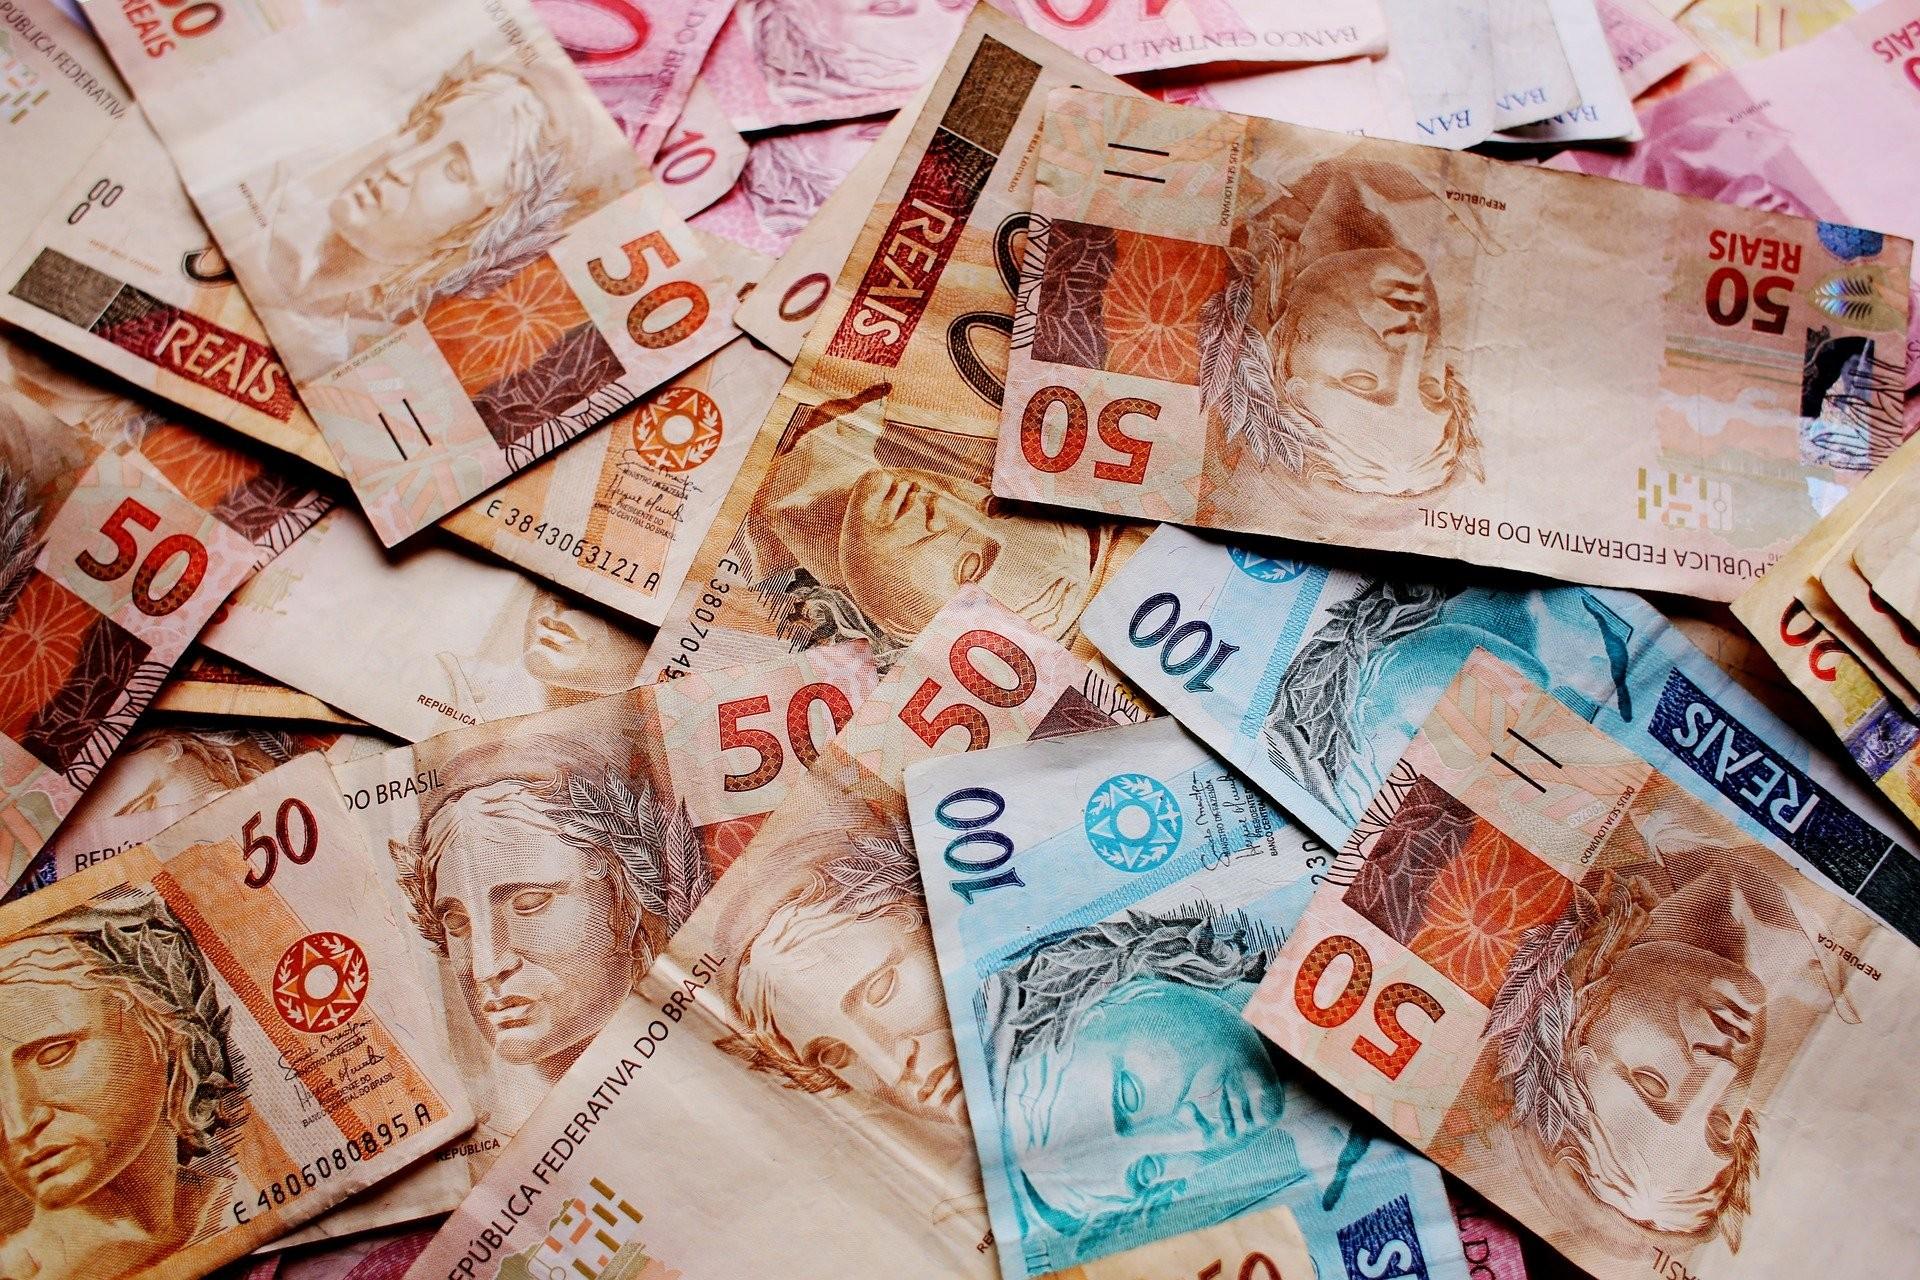 Homem é condenado por estelionato após entregar cheques sem fundo em troca de dinheiro de vítima no RN